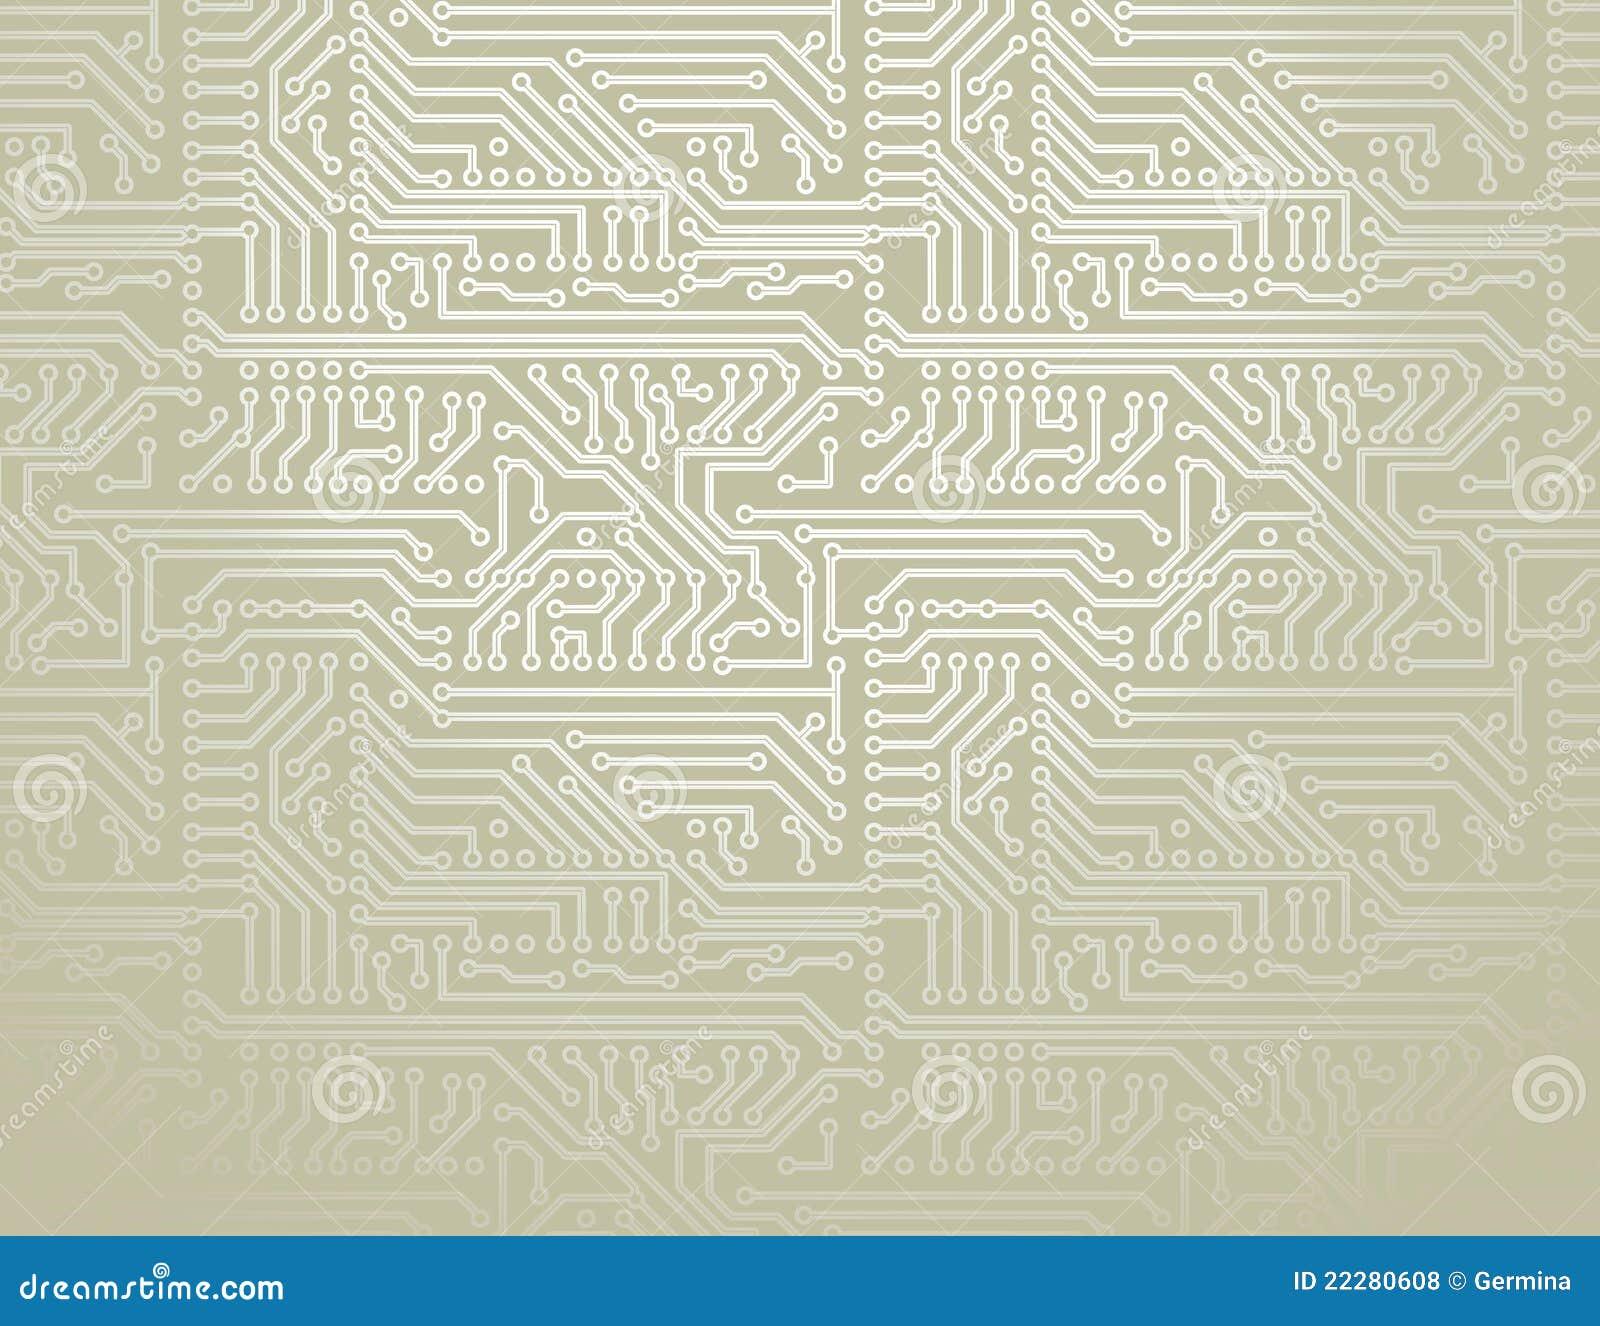 Fondo de la tarjeta de circuitos del vector